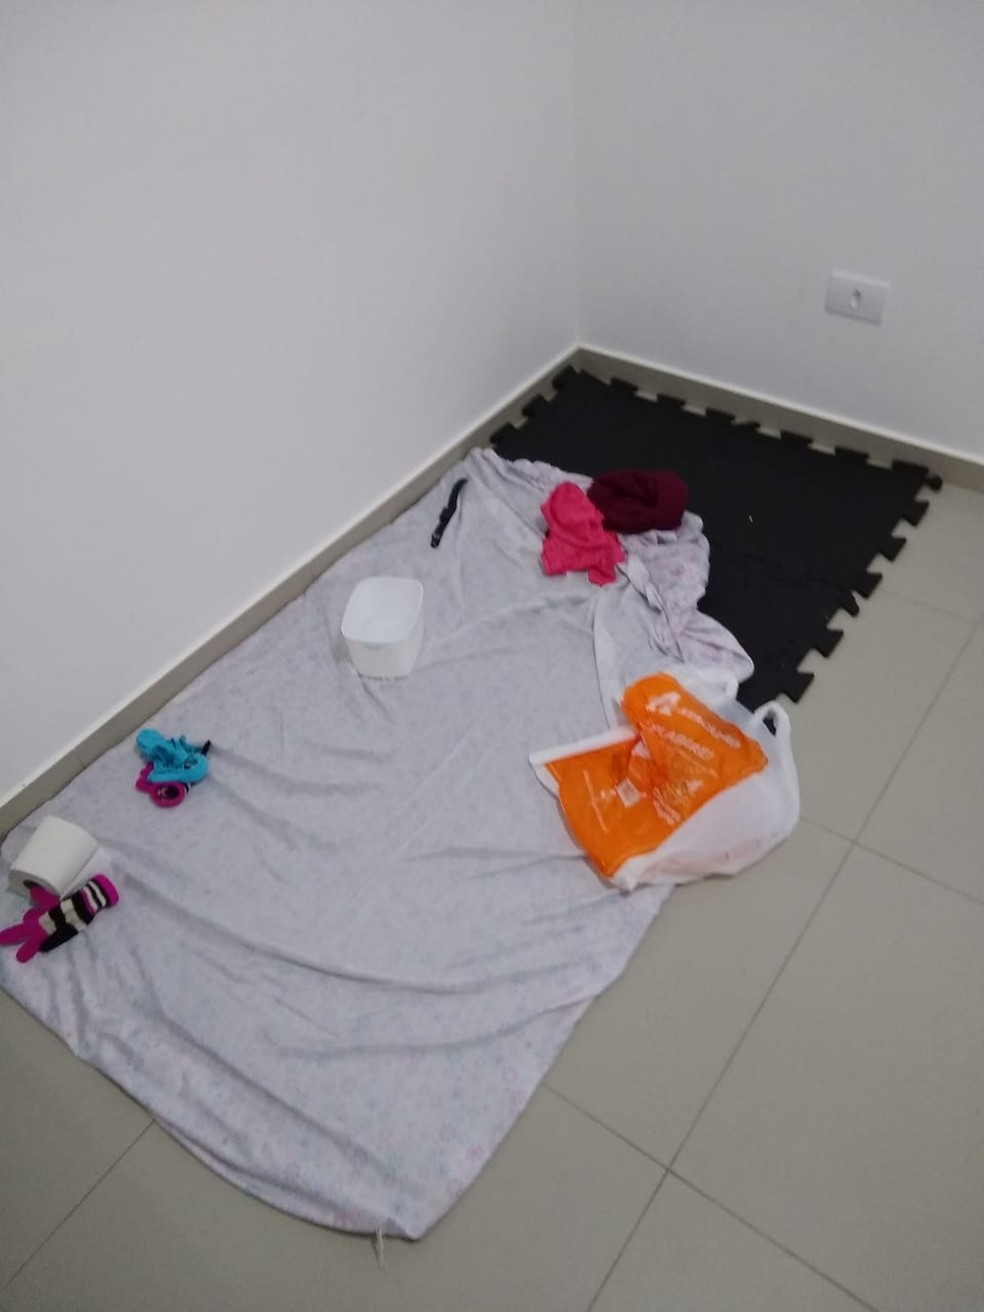 Menina que morreu por desnutrição em jejum em Ubatuba era obrigada a dormir no chão, segundo polícia — Foto: Arquivo pessoal